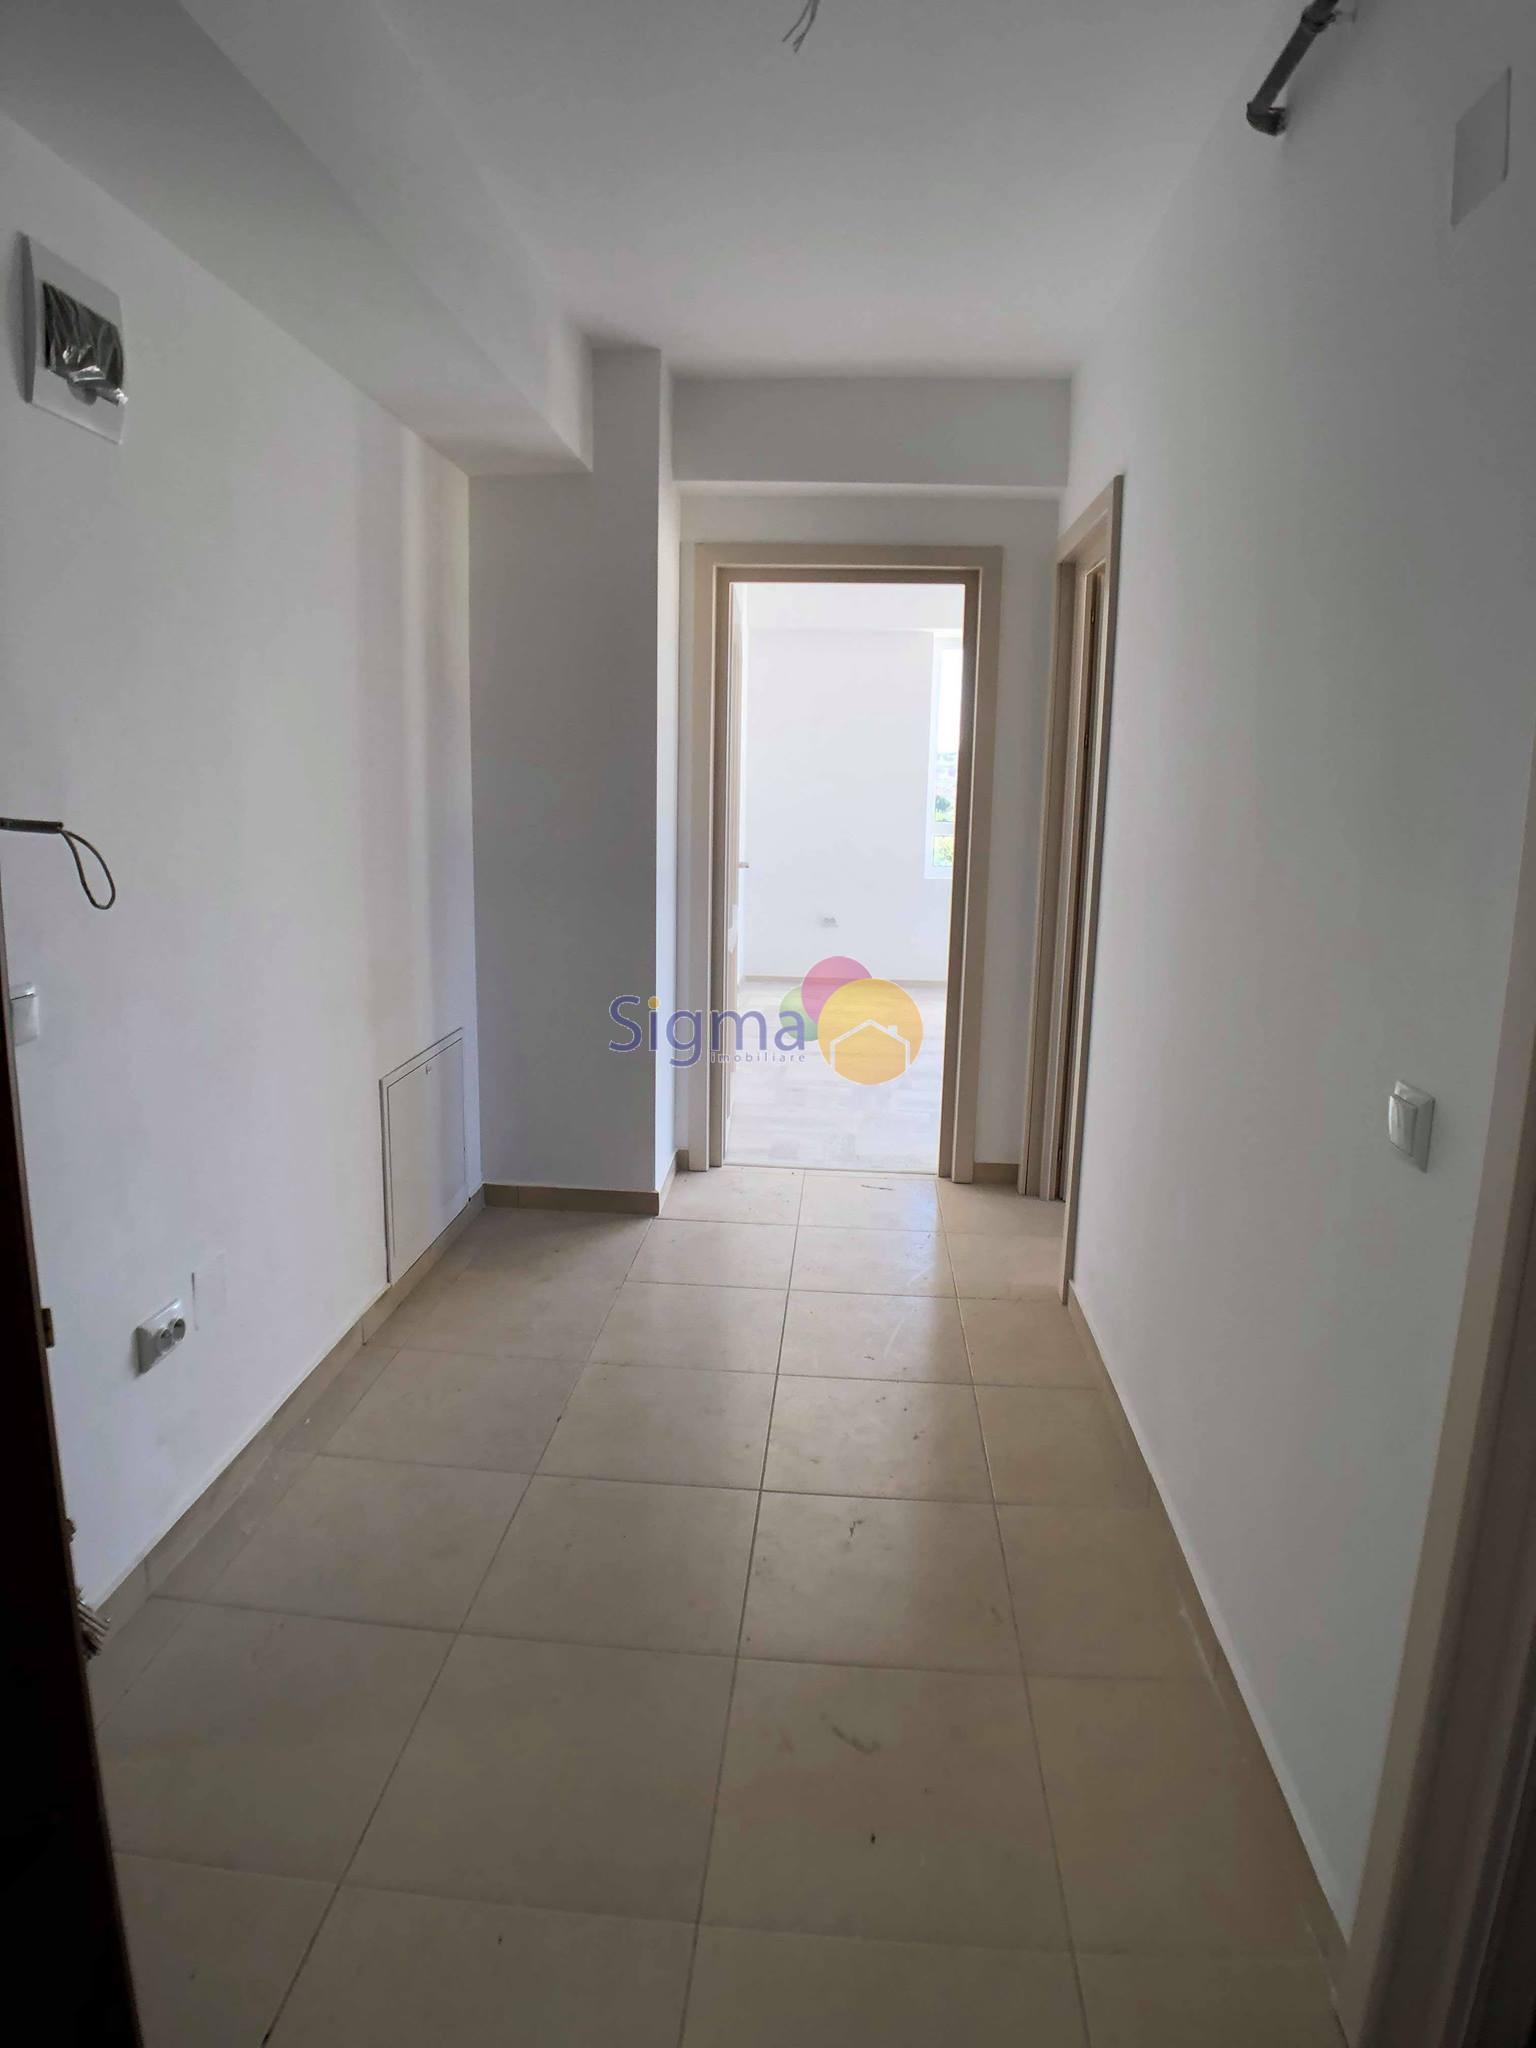 Apartament cu 2 camere de vanzare CUG 52mp utili